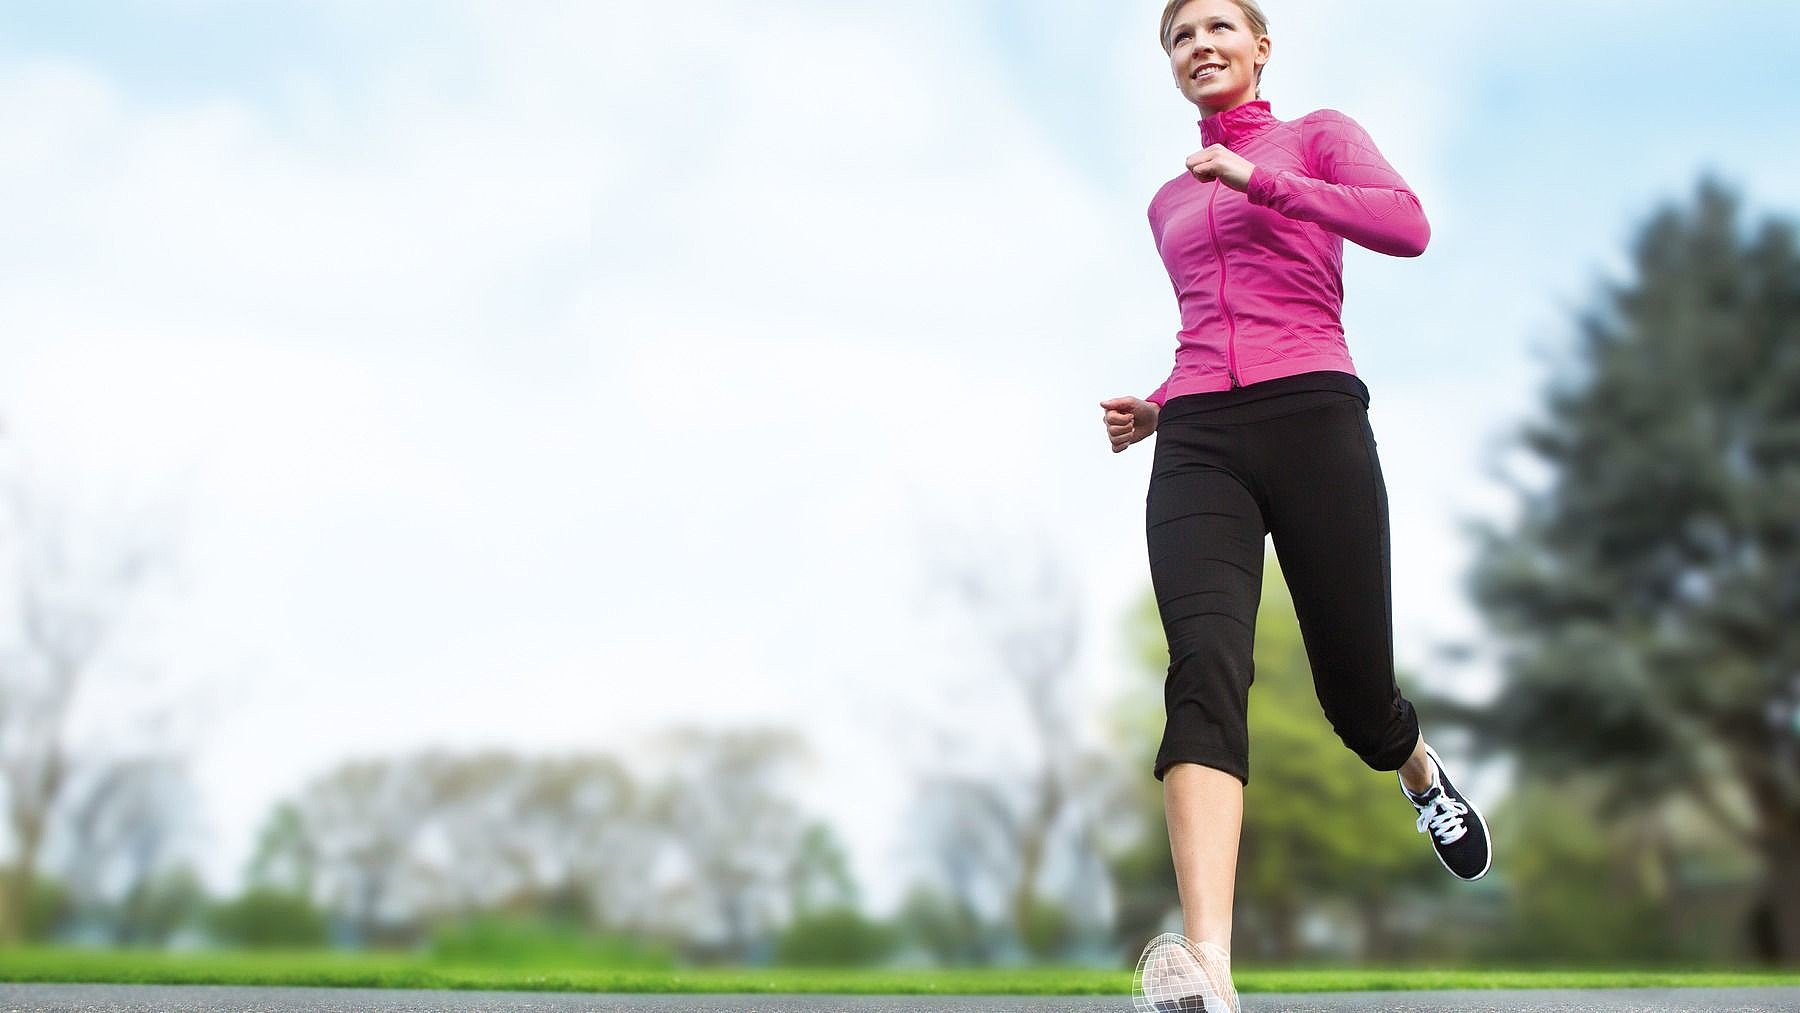 igli Allround Light C+ carbon insoles woman jogging medi